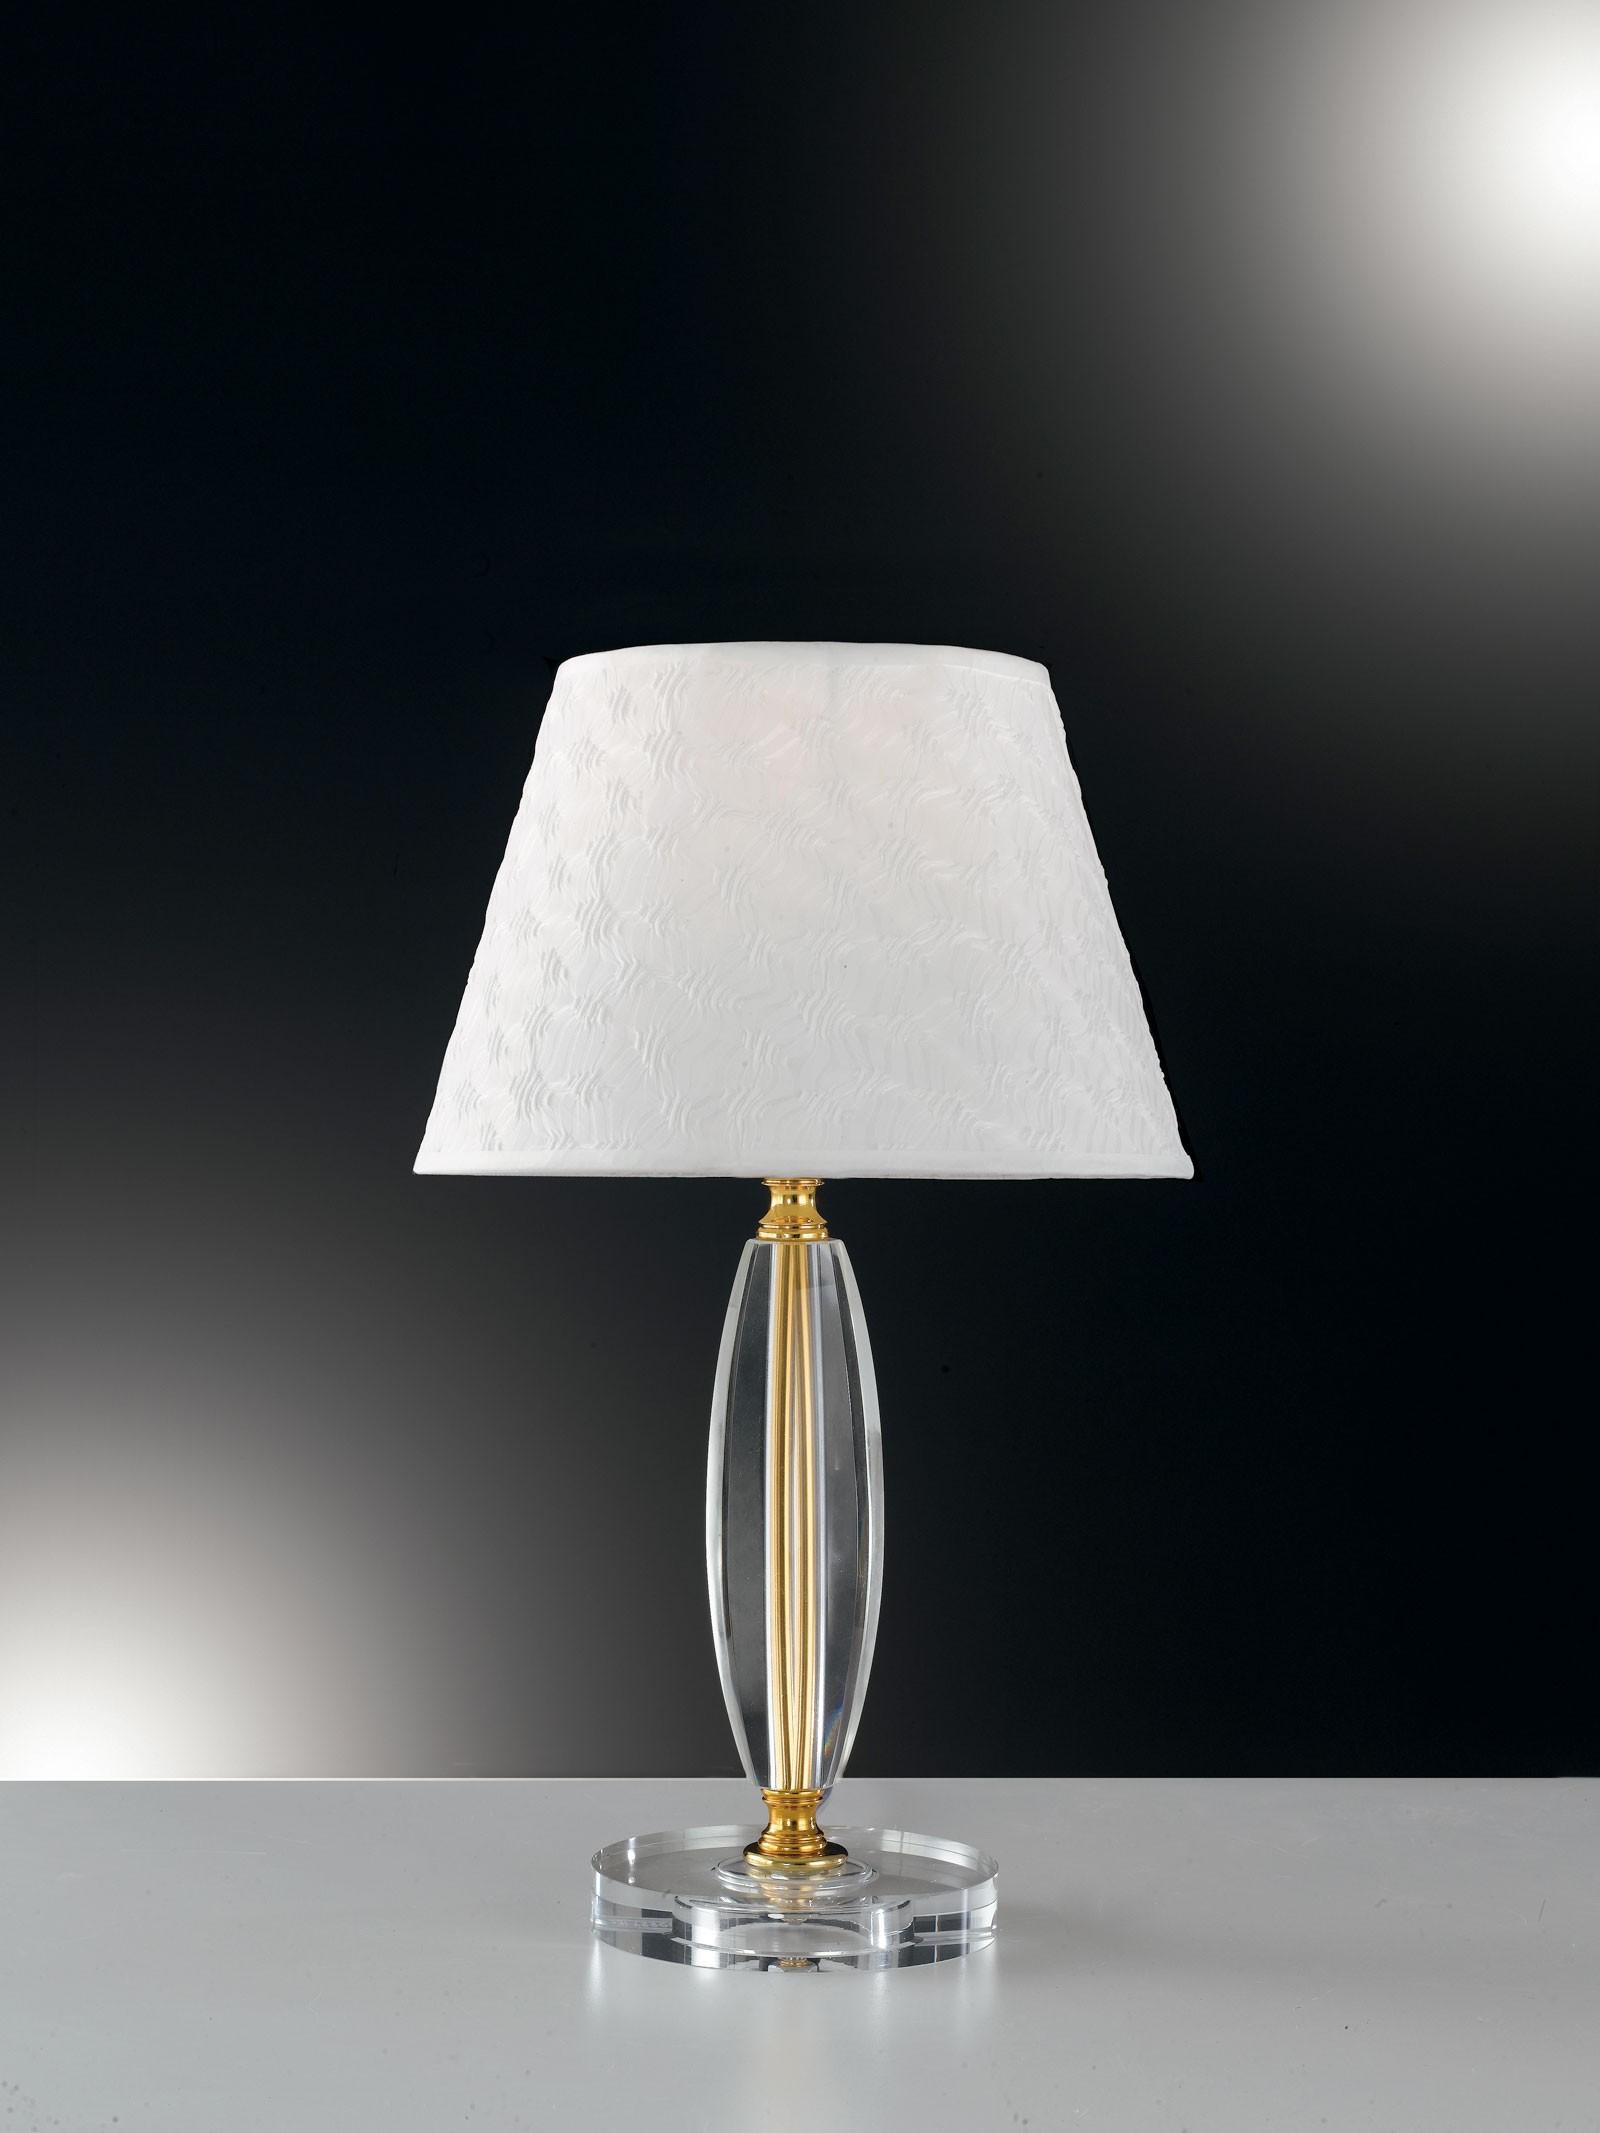 Lampade d\'appoggio Lampade da tavolo Lumi Luce & Luci Roma Tuscolana